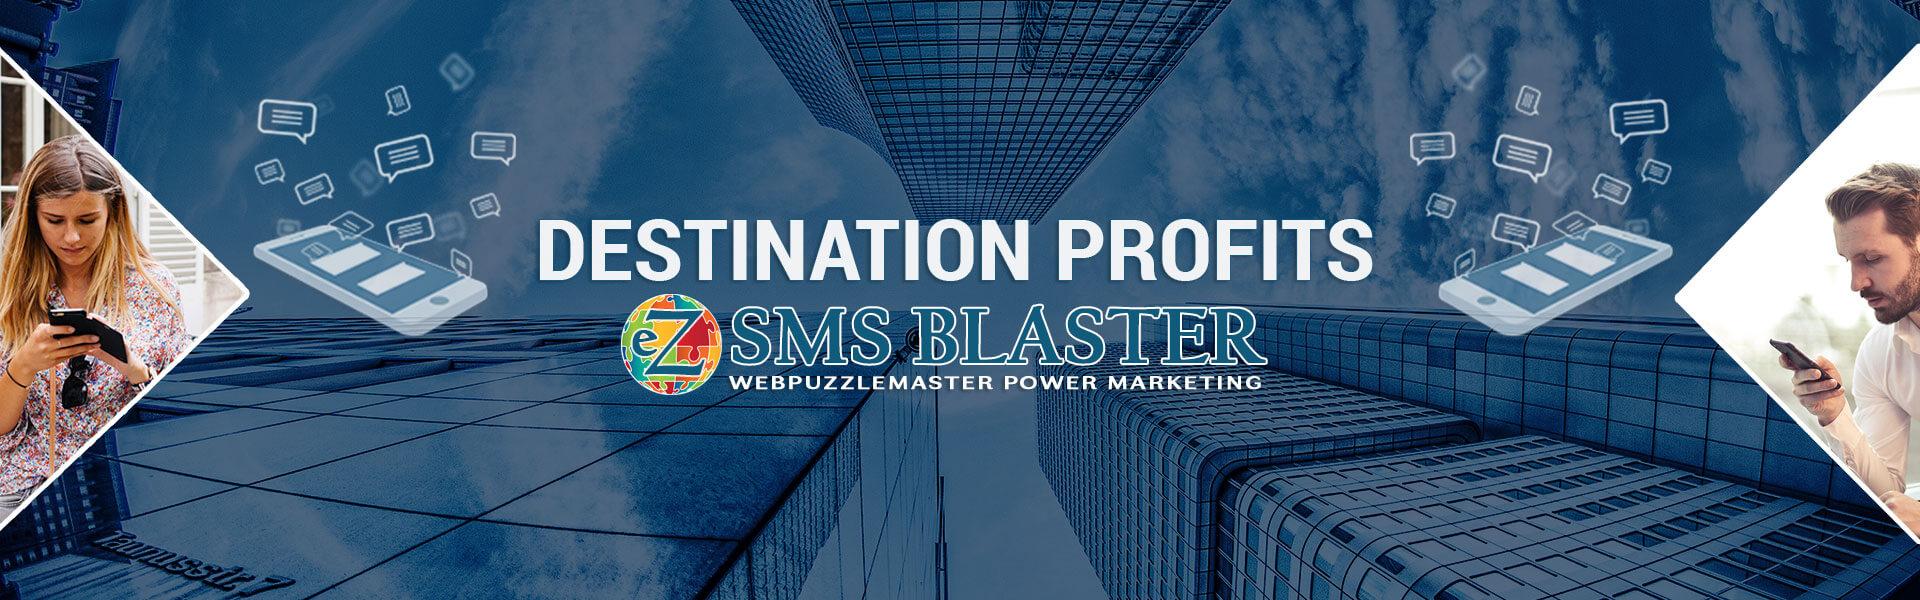 eZ SMS Blaster bg